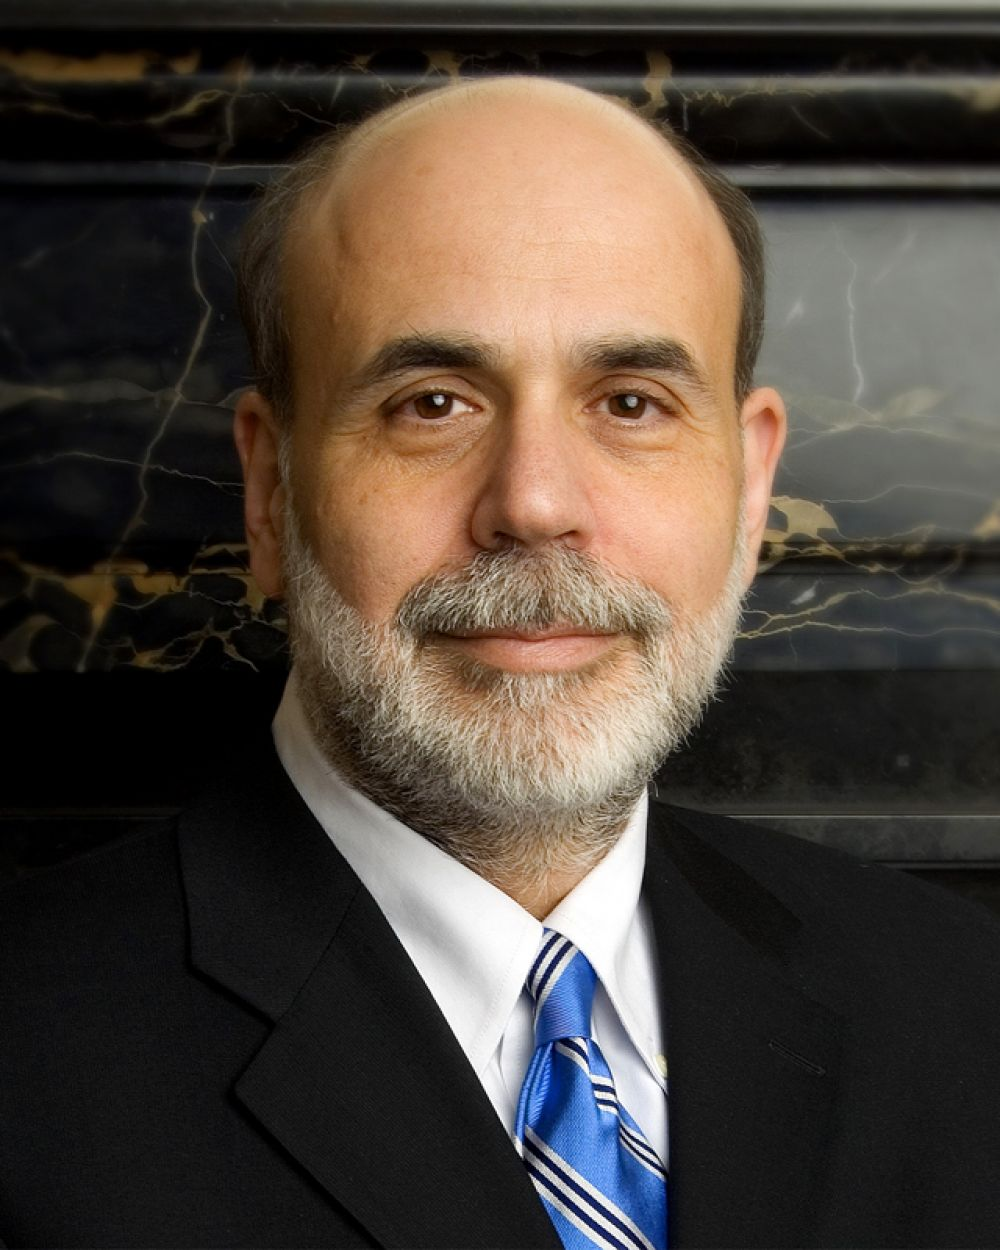 Бывший председатель Центральной резервной системы США Бен Бернанке.